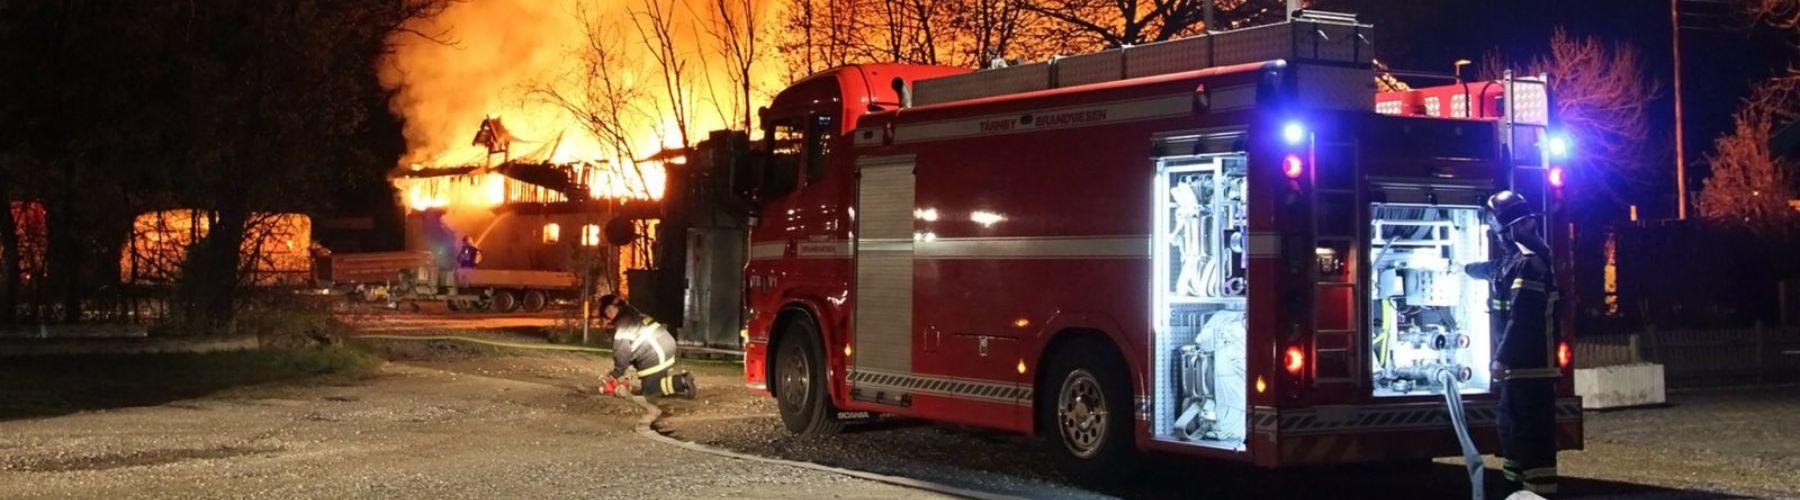 Tårnby Brandvæsen cover image